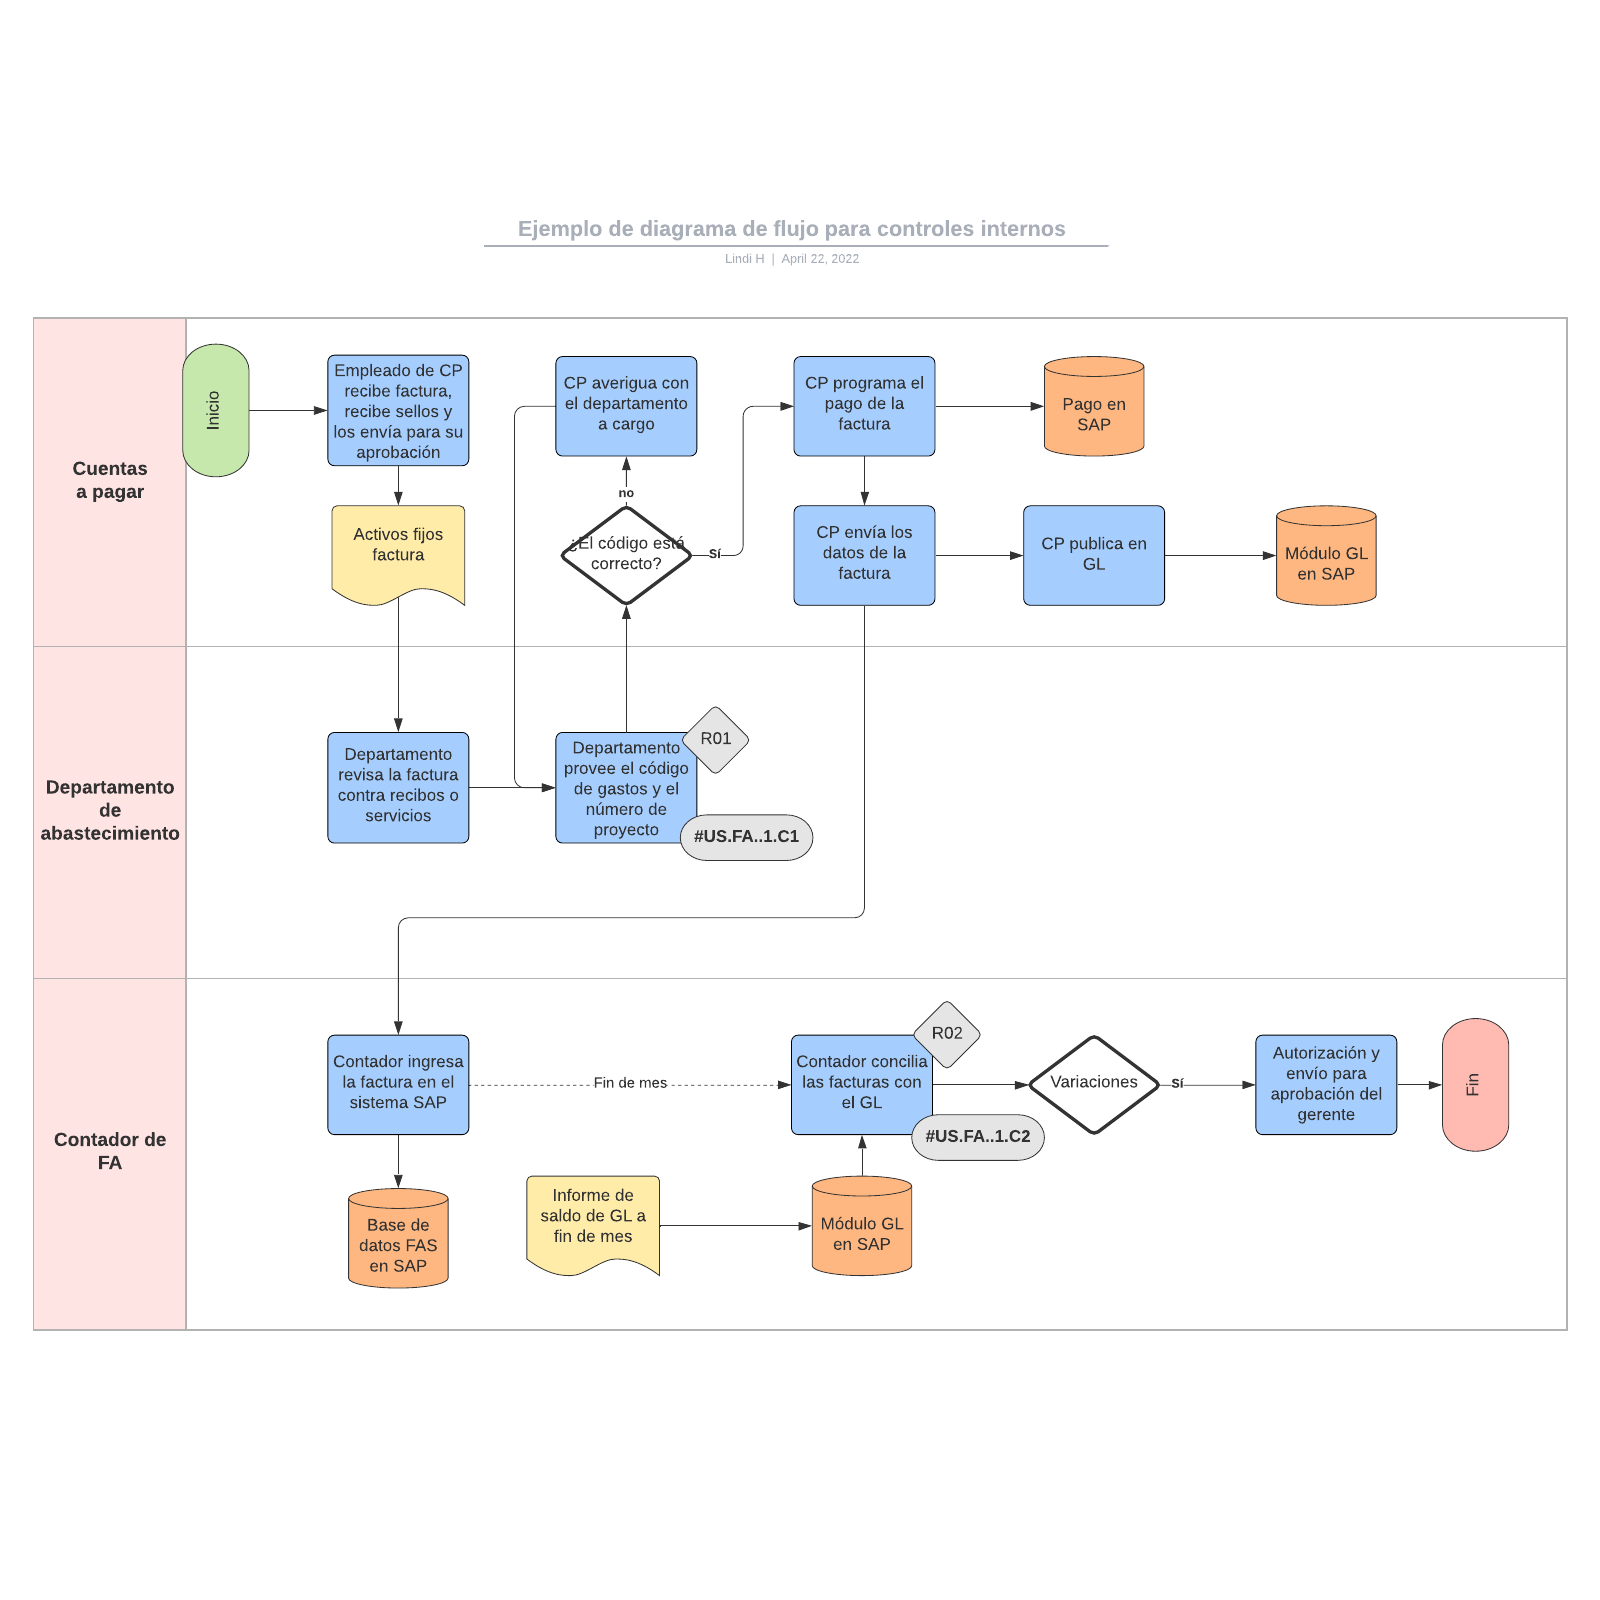 Ejemplo de diagrama de flujo para controles internos